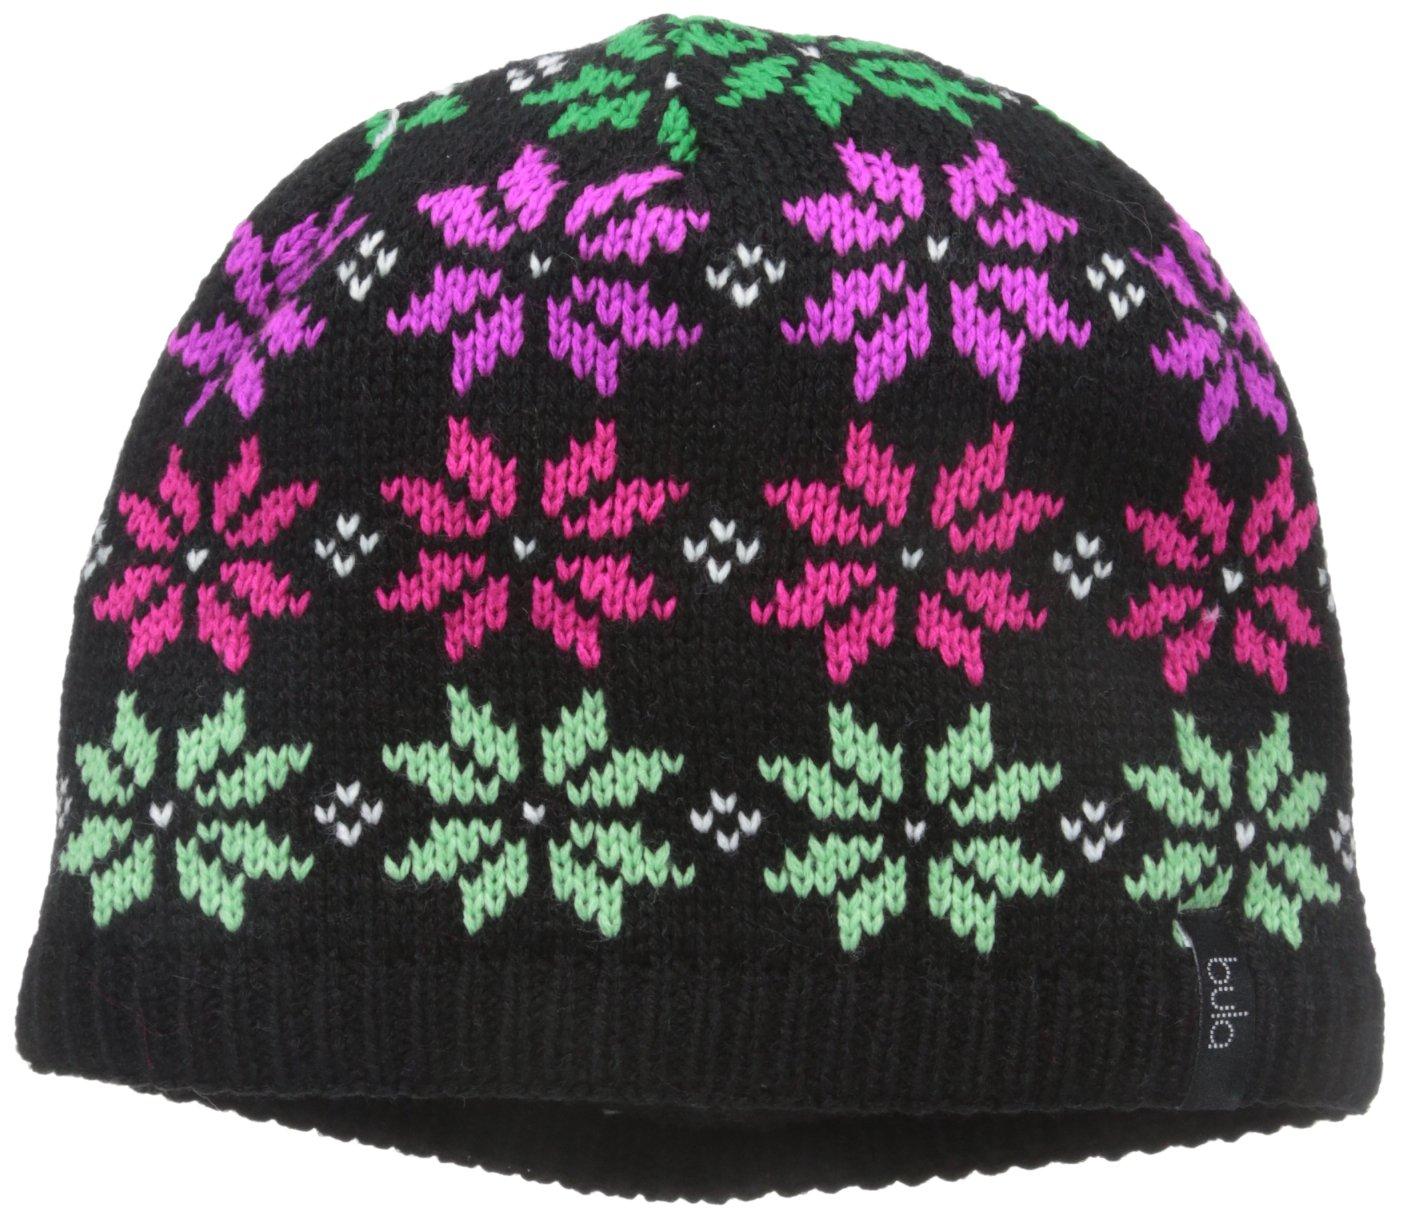 BULA Girls Snowy Beanie, Black, One Size KABSNO-5